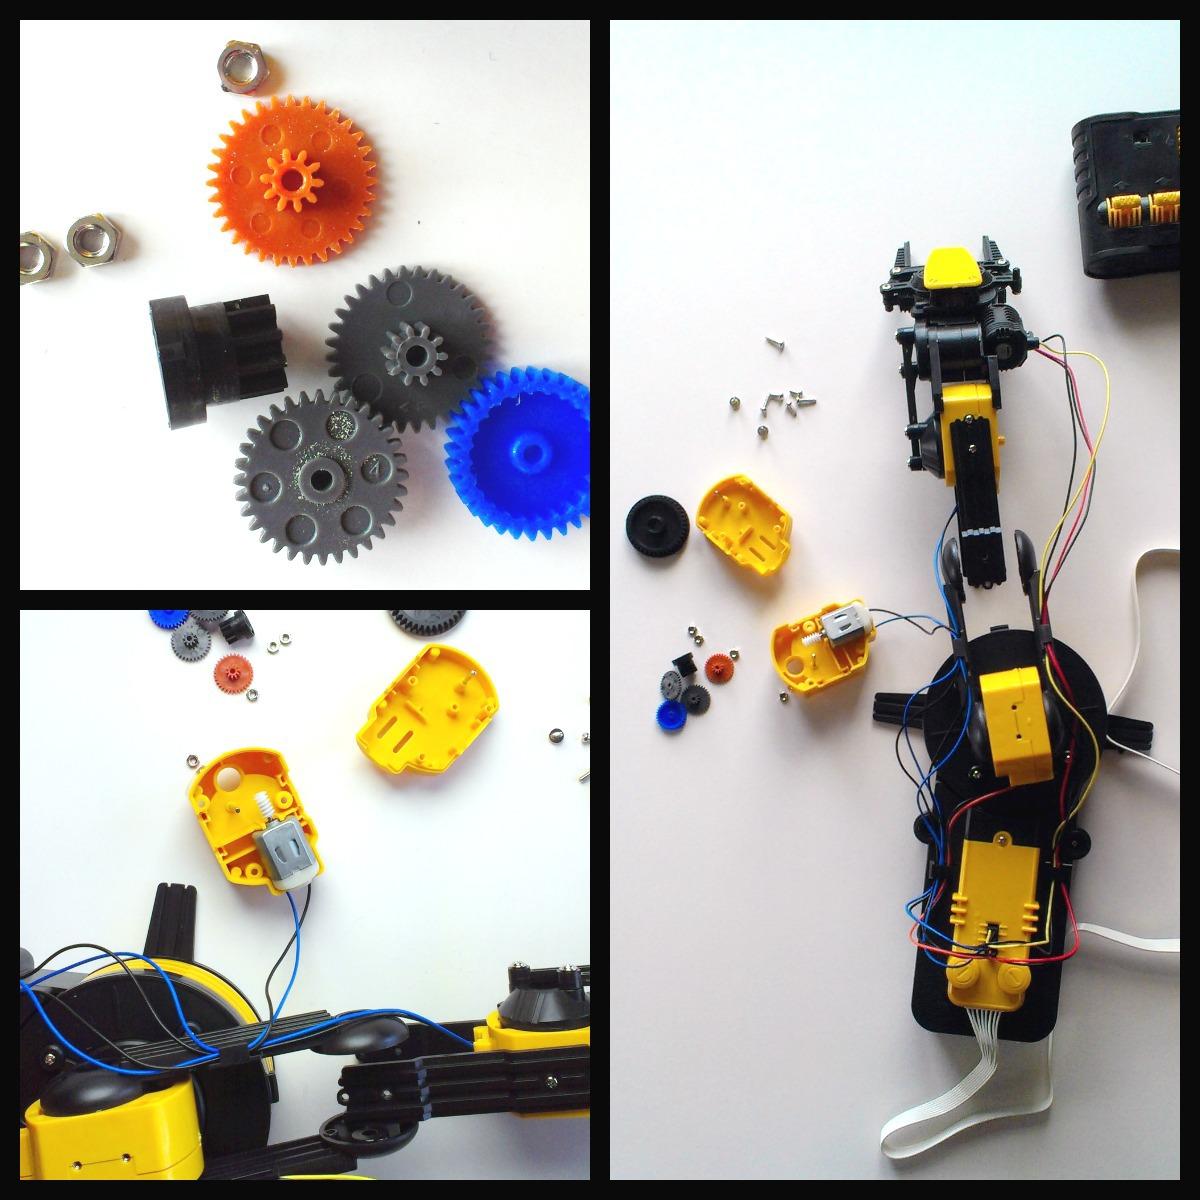 Как собрать робота своими руками за 6 часов и стать душой компании - 7